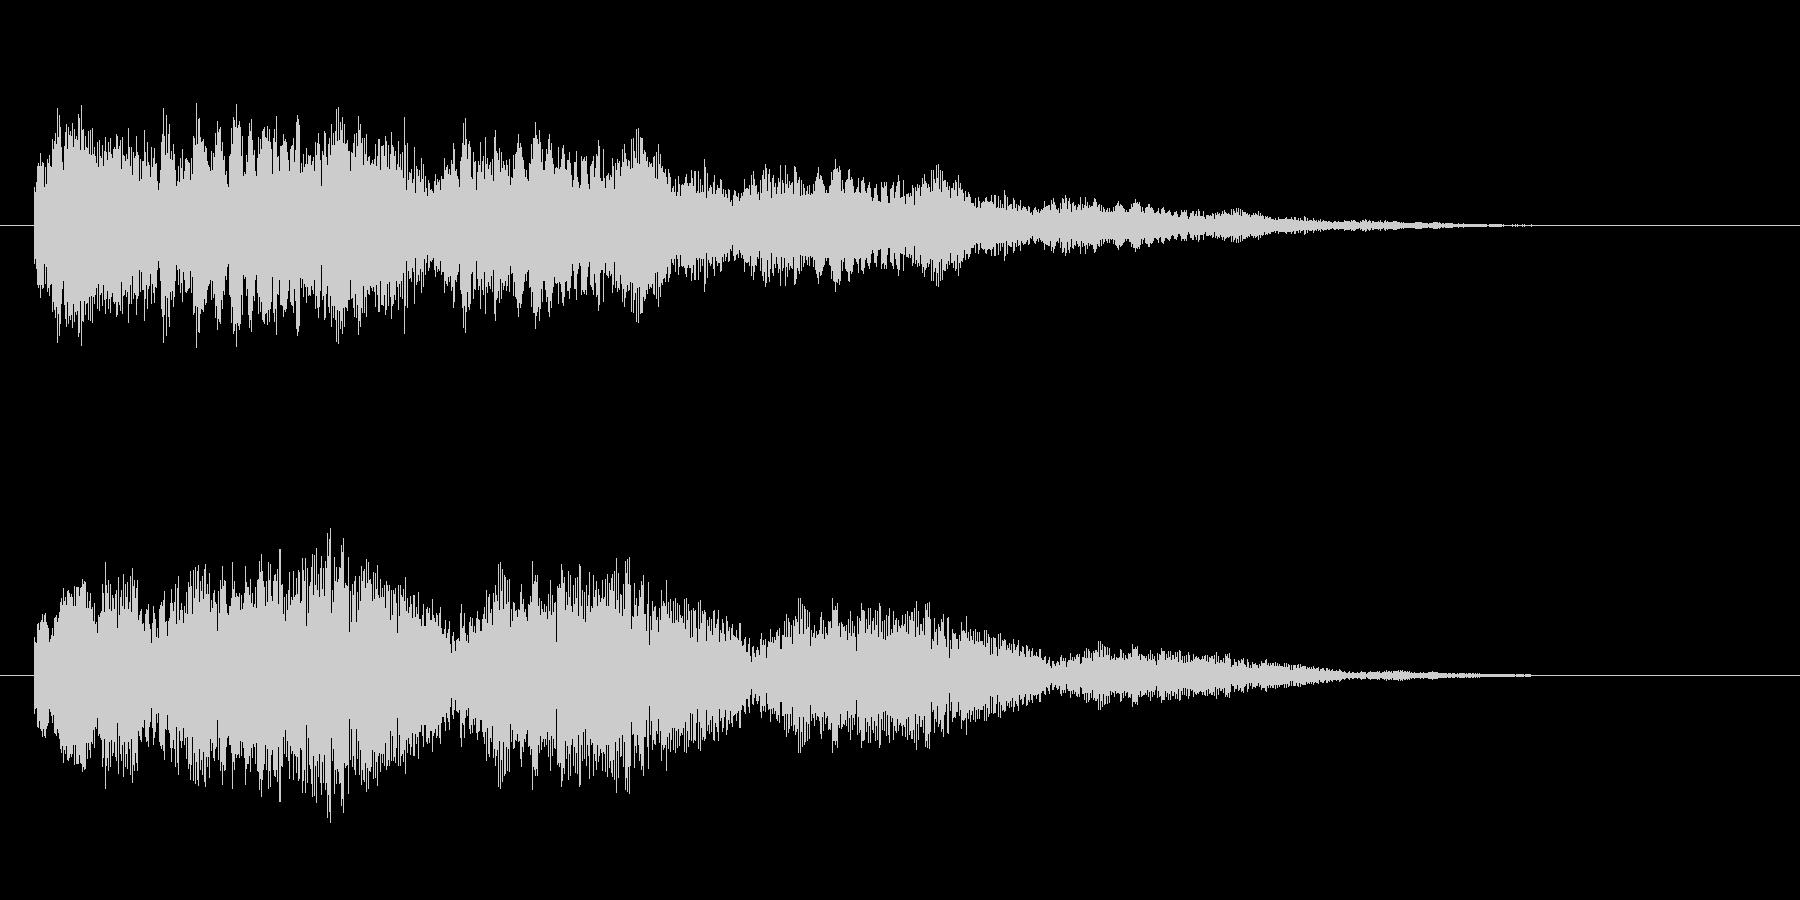 山びこのようなエコーのあるロゴ・ジングルの未再生の波形